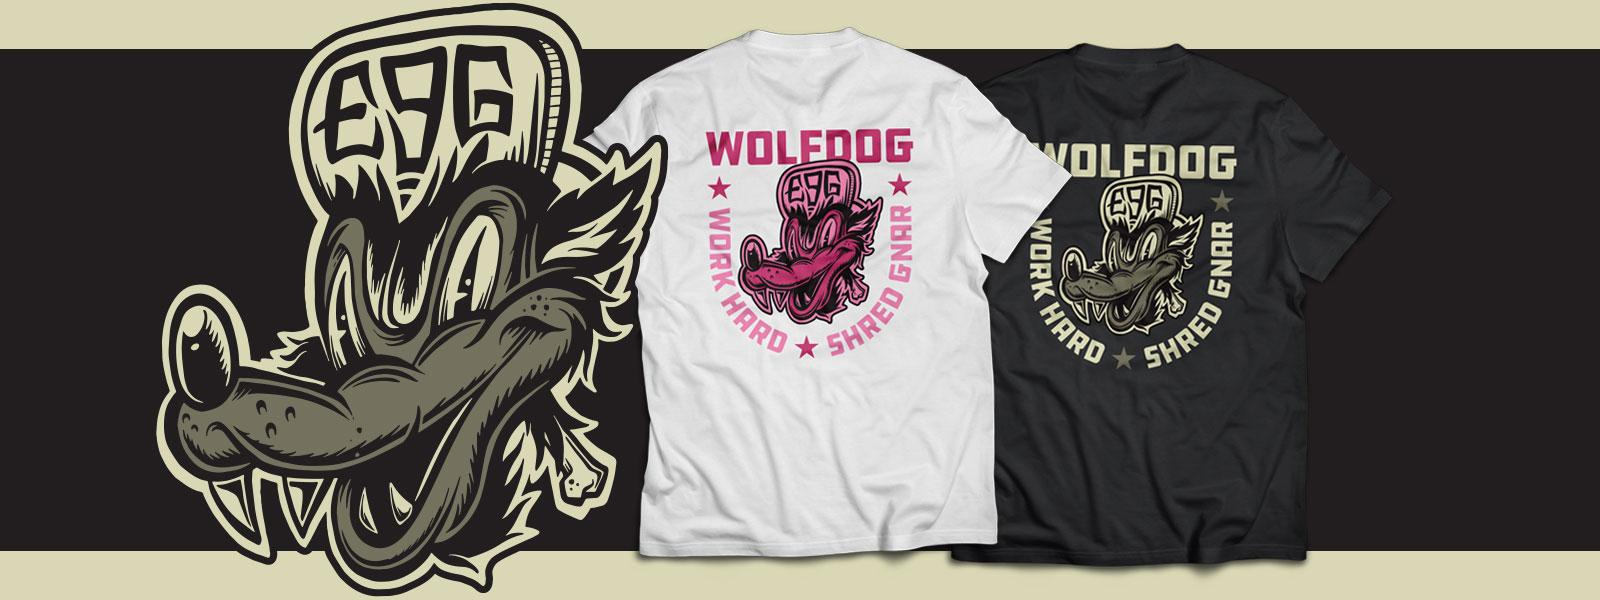 Wolf Dog Tee Banner